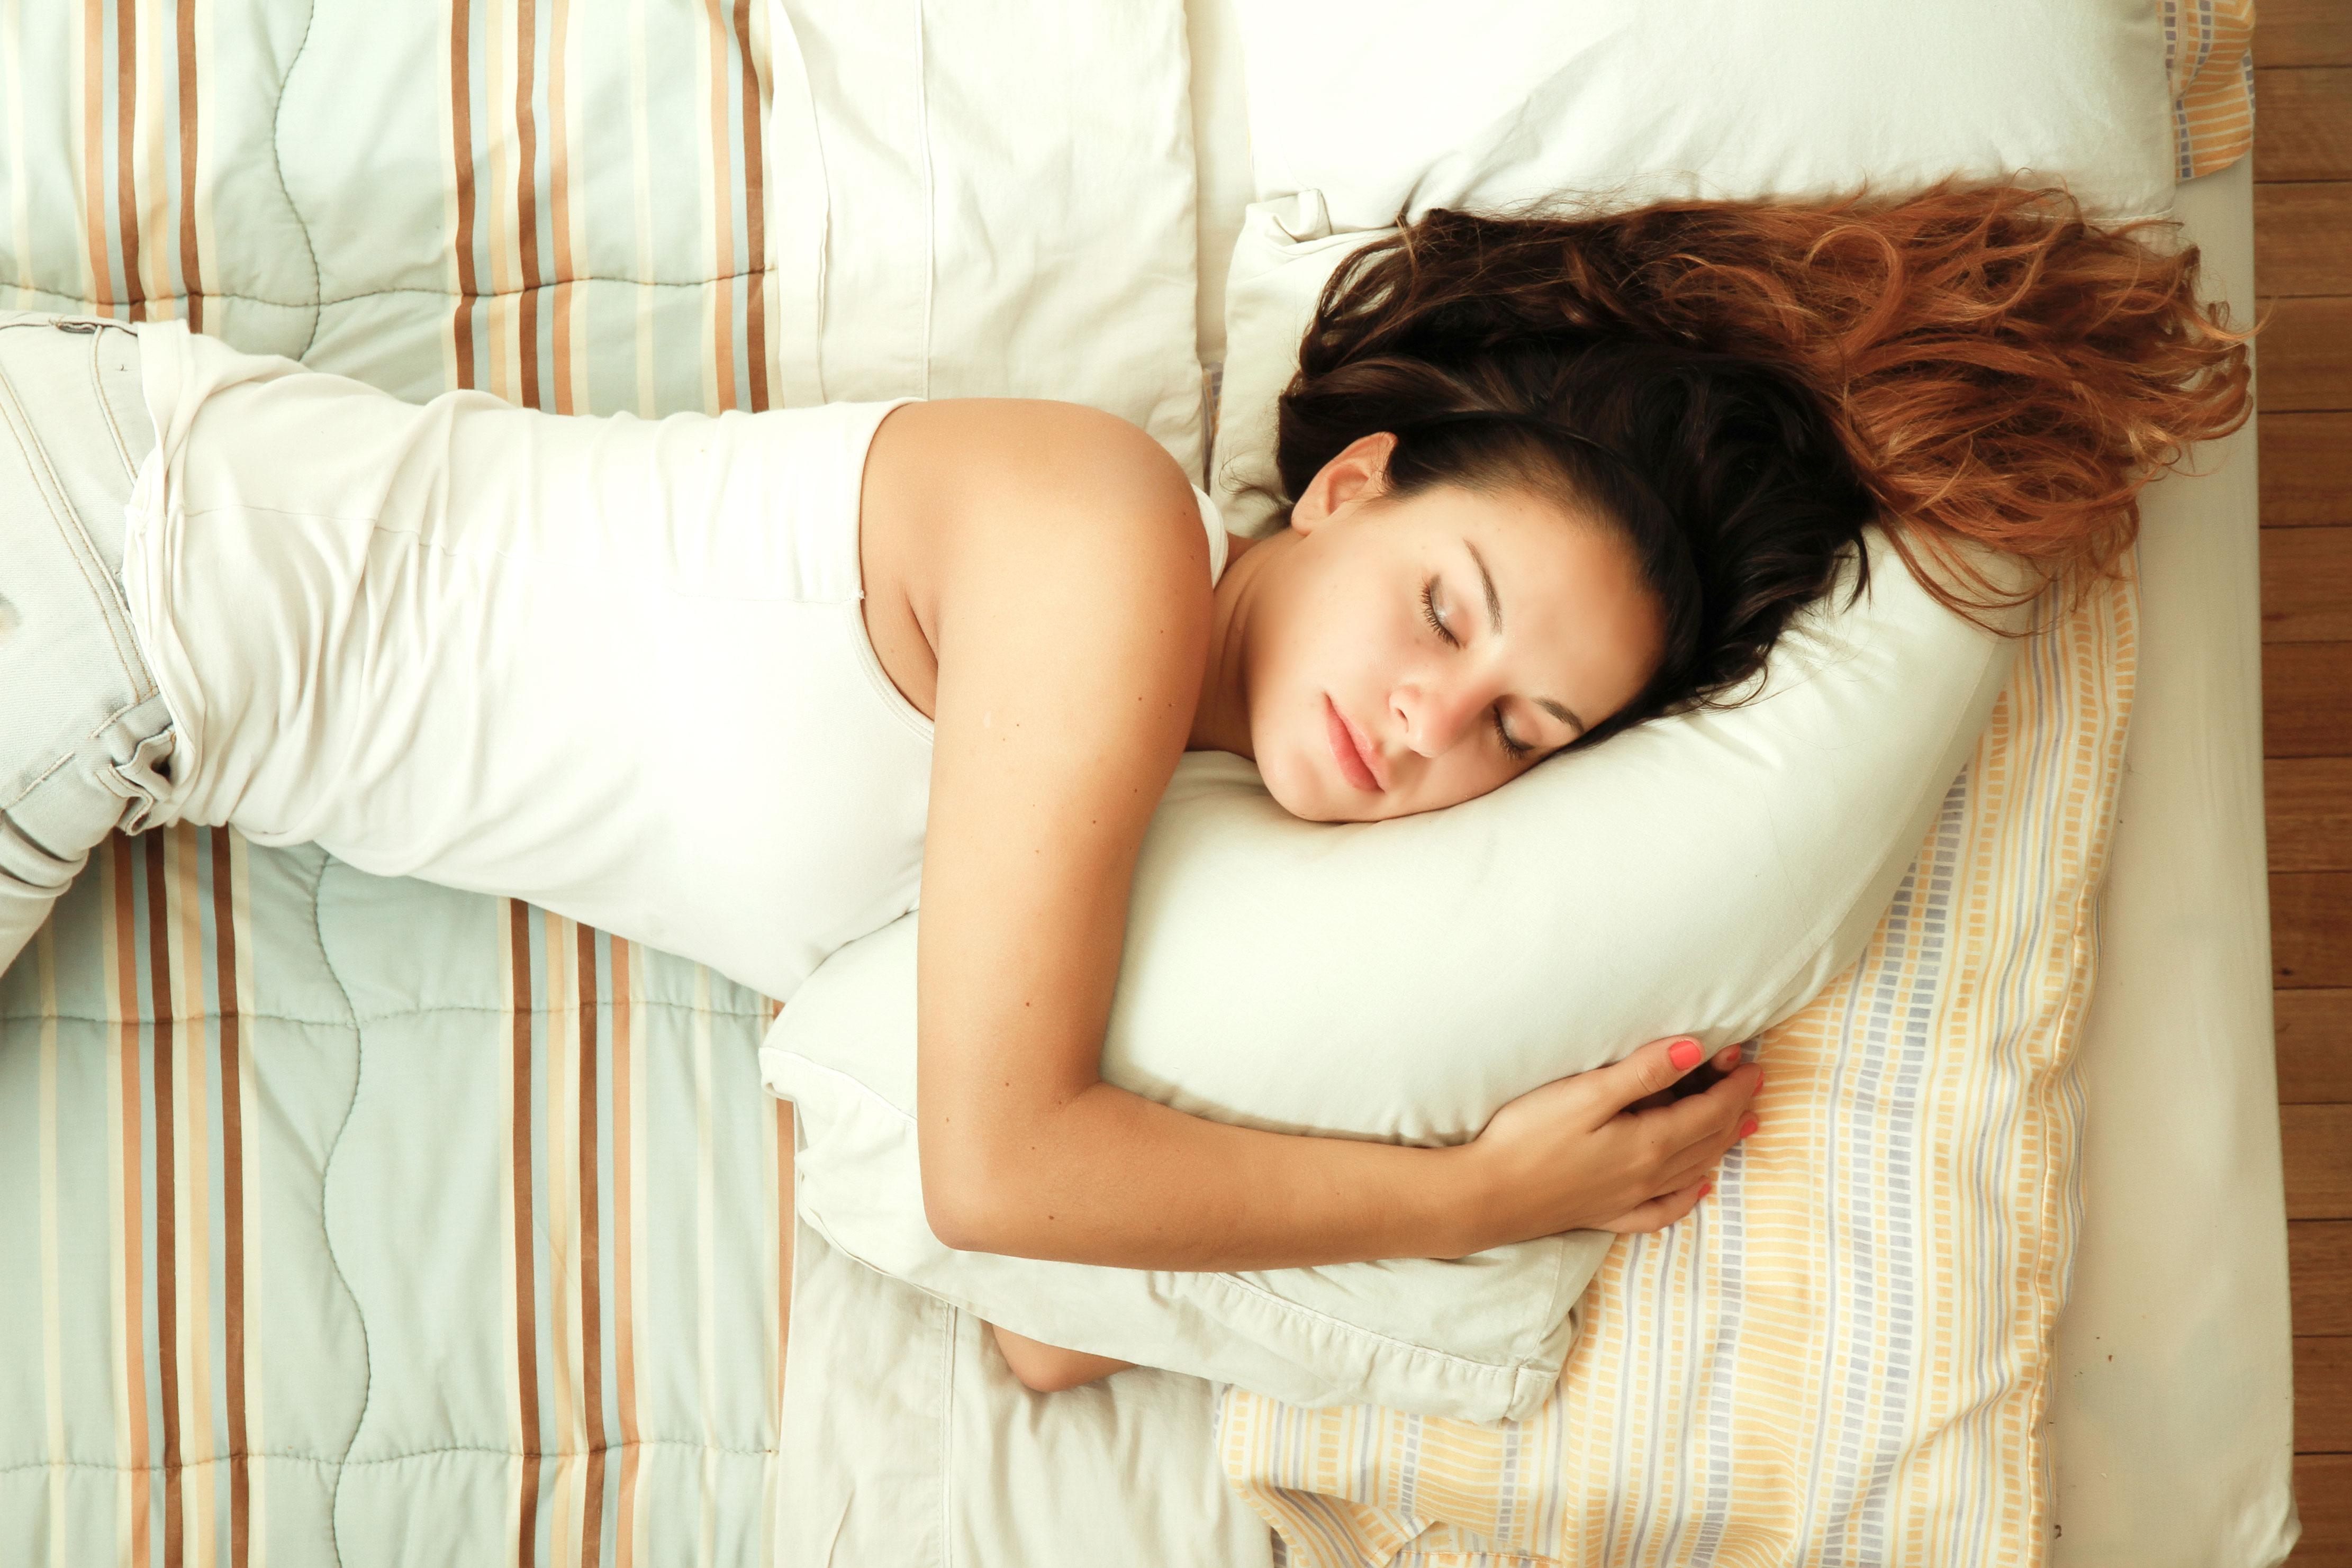 הולכת לישון לבד? חפשי לך טיפוס אחר (צ'-shutterstock)